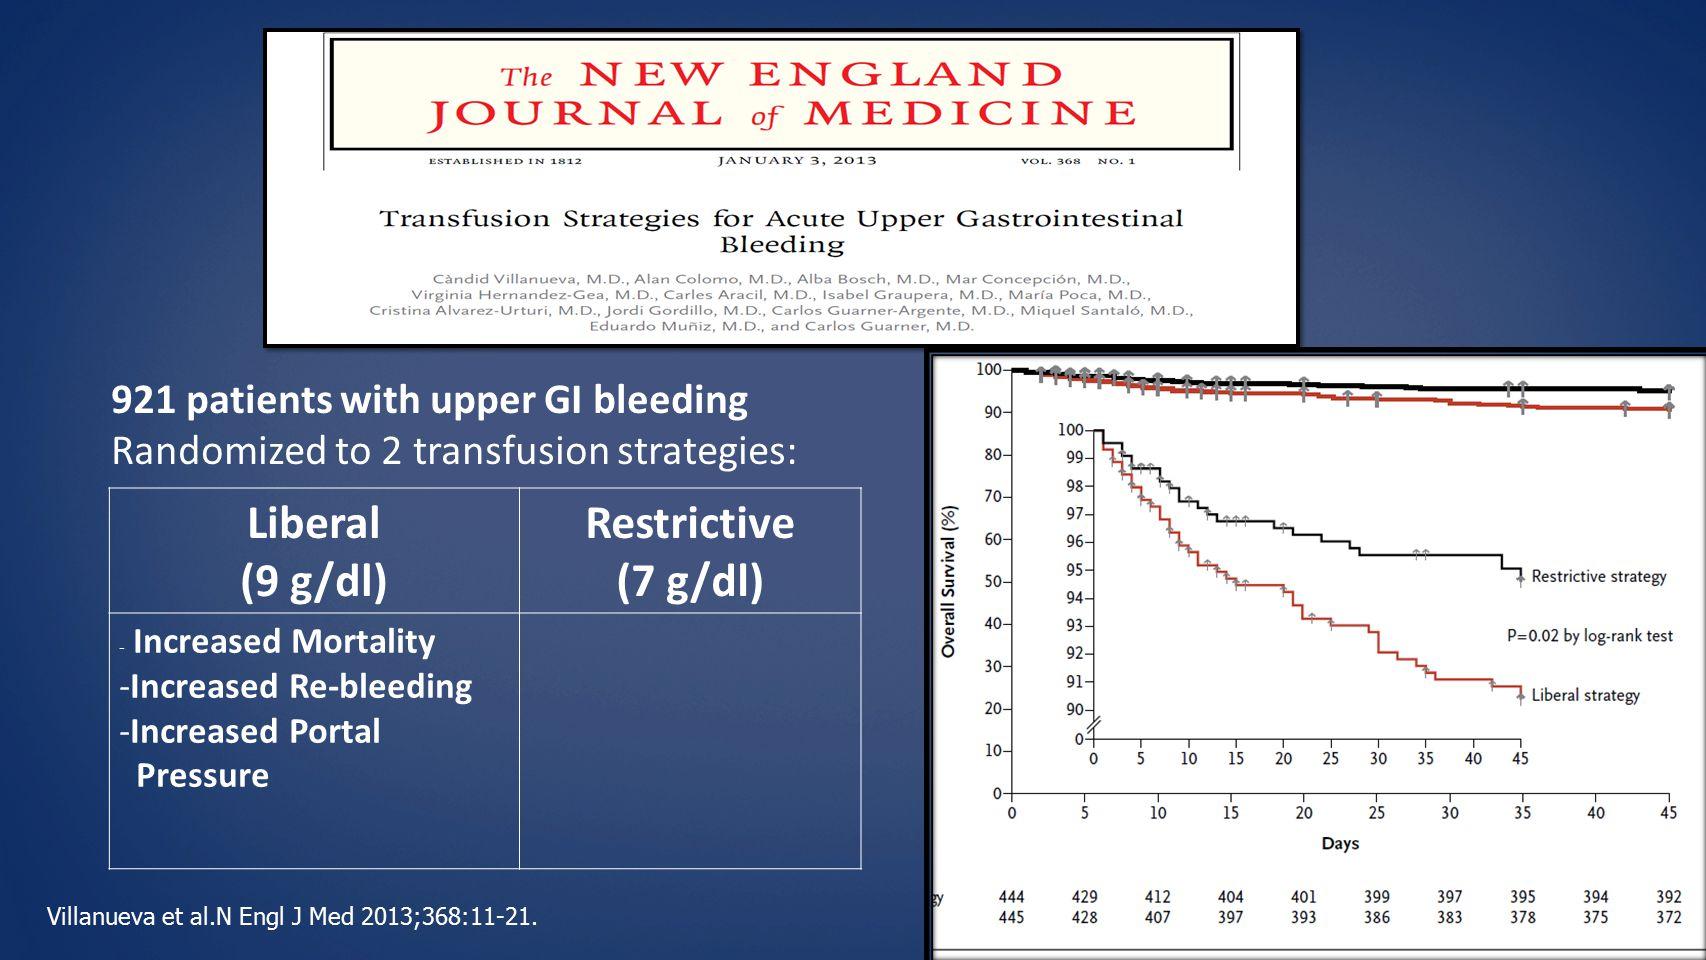 Villanueva et al.N Engl J Med 2013;368:11-21.